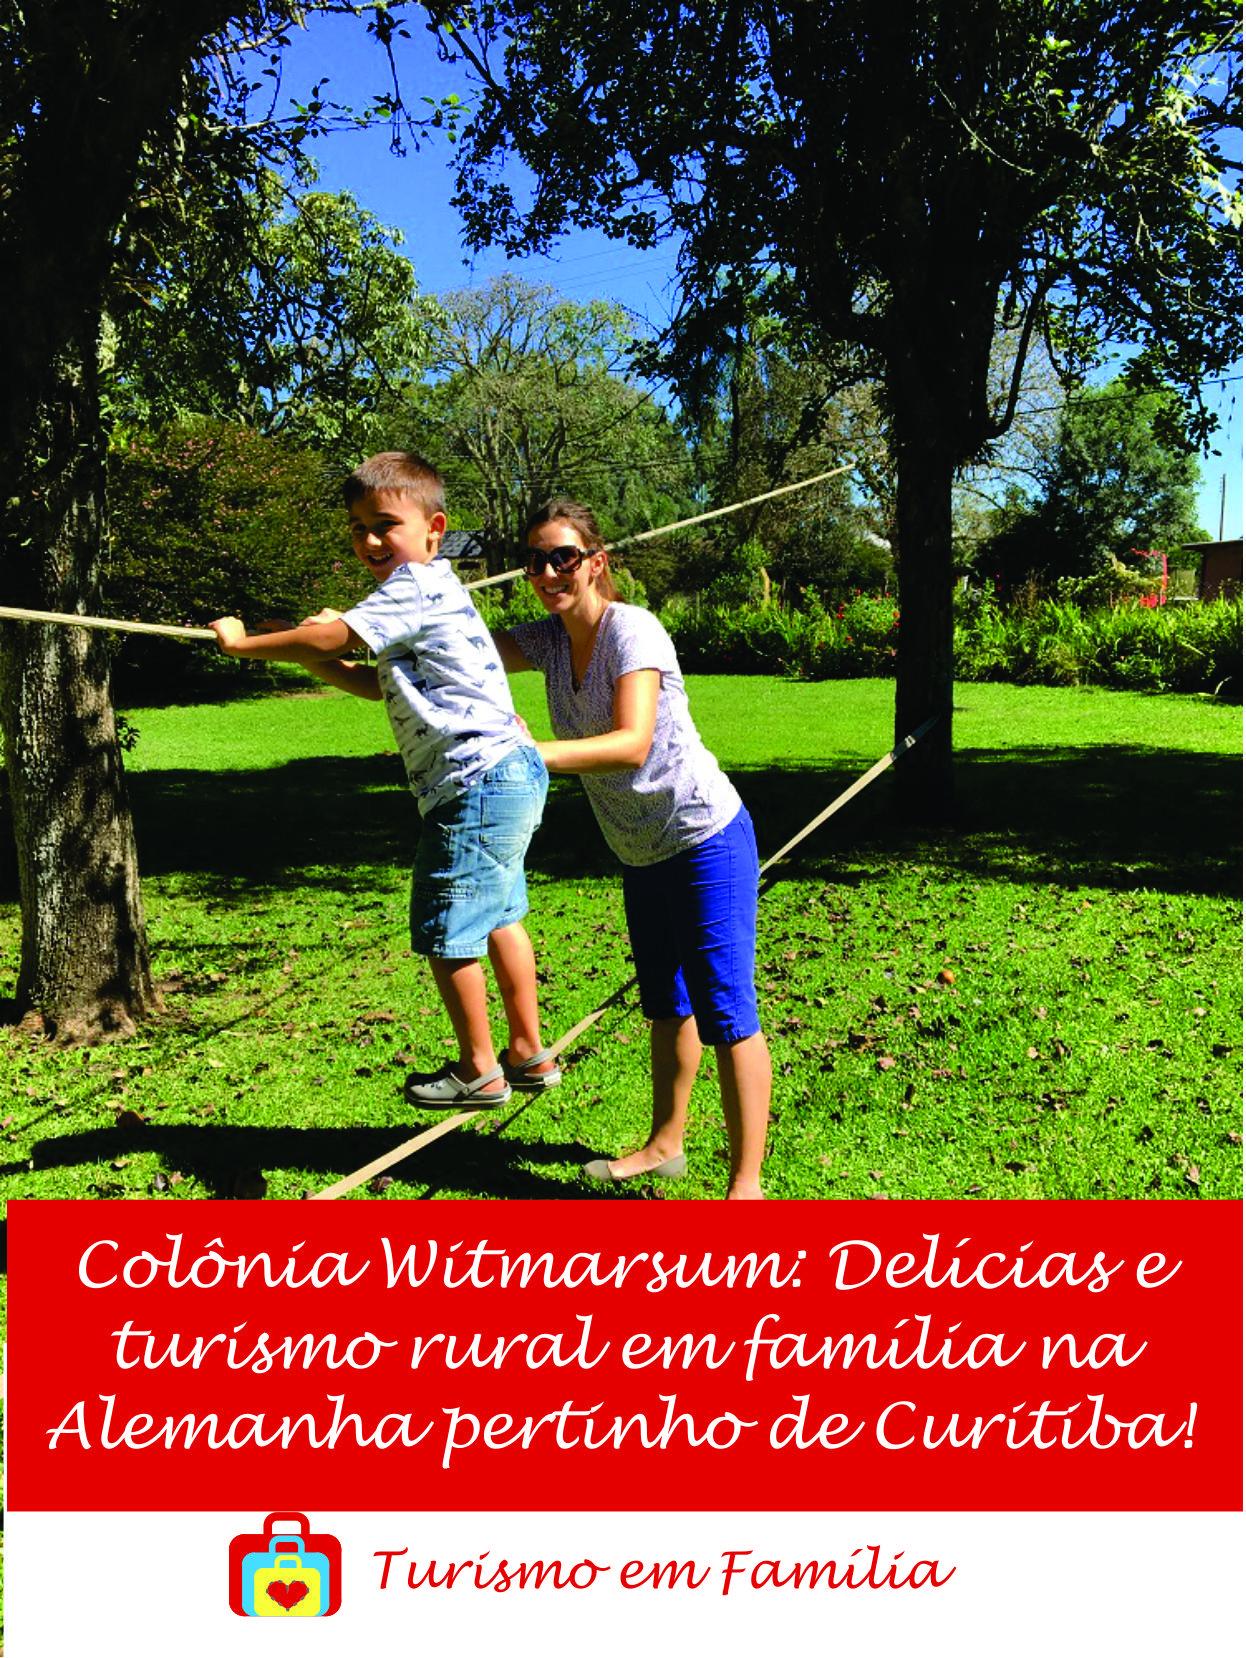 Witmarsum Delicias E Turismo Rural Em Familia Na Alemanha